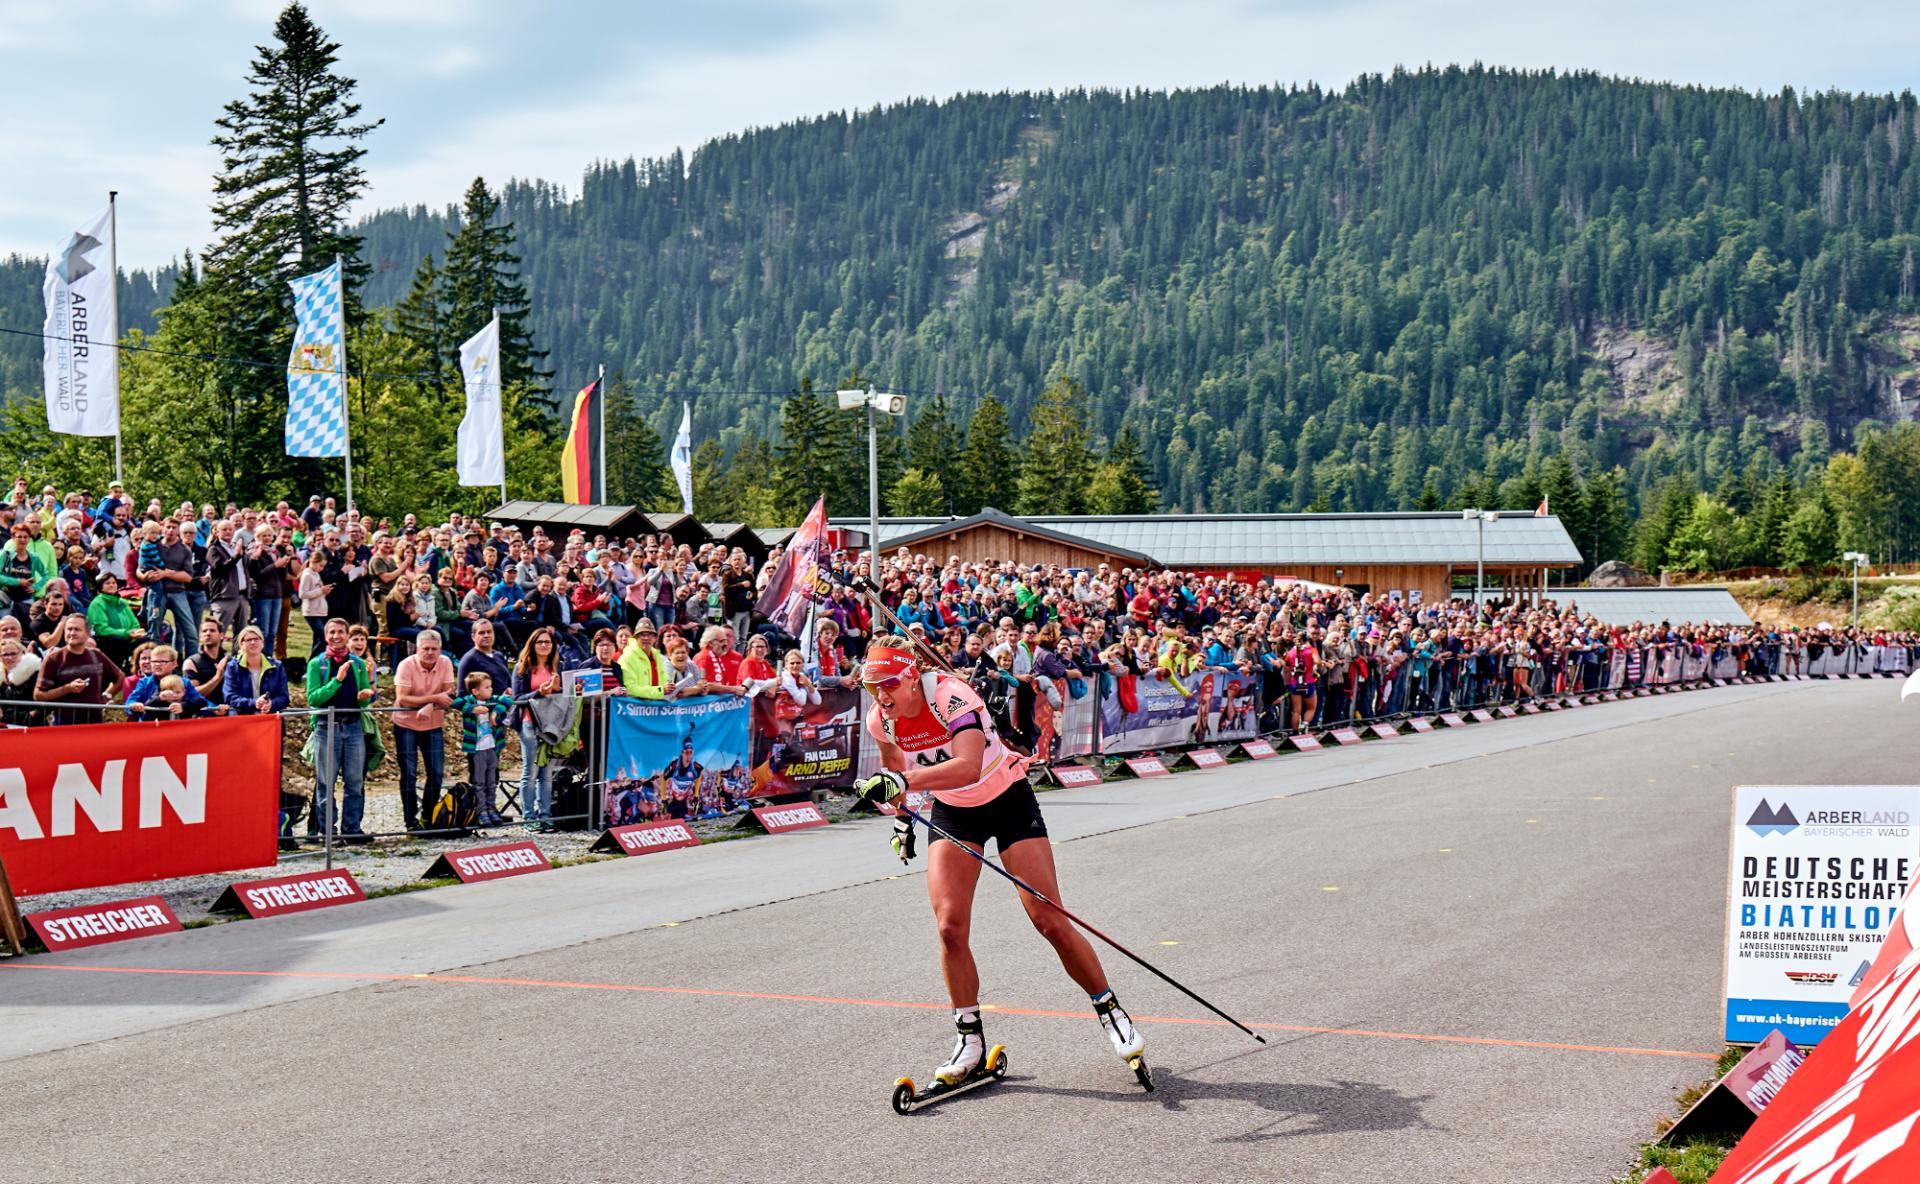 Deutsche Meisterschaft Biathlon in Bayerisch Eisenstein